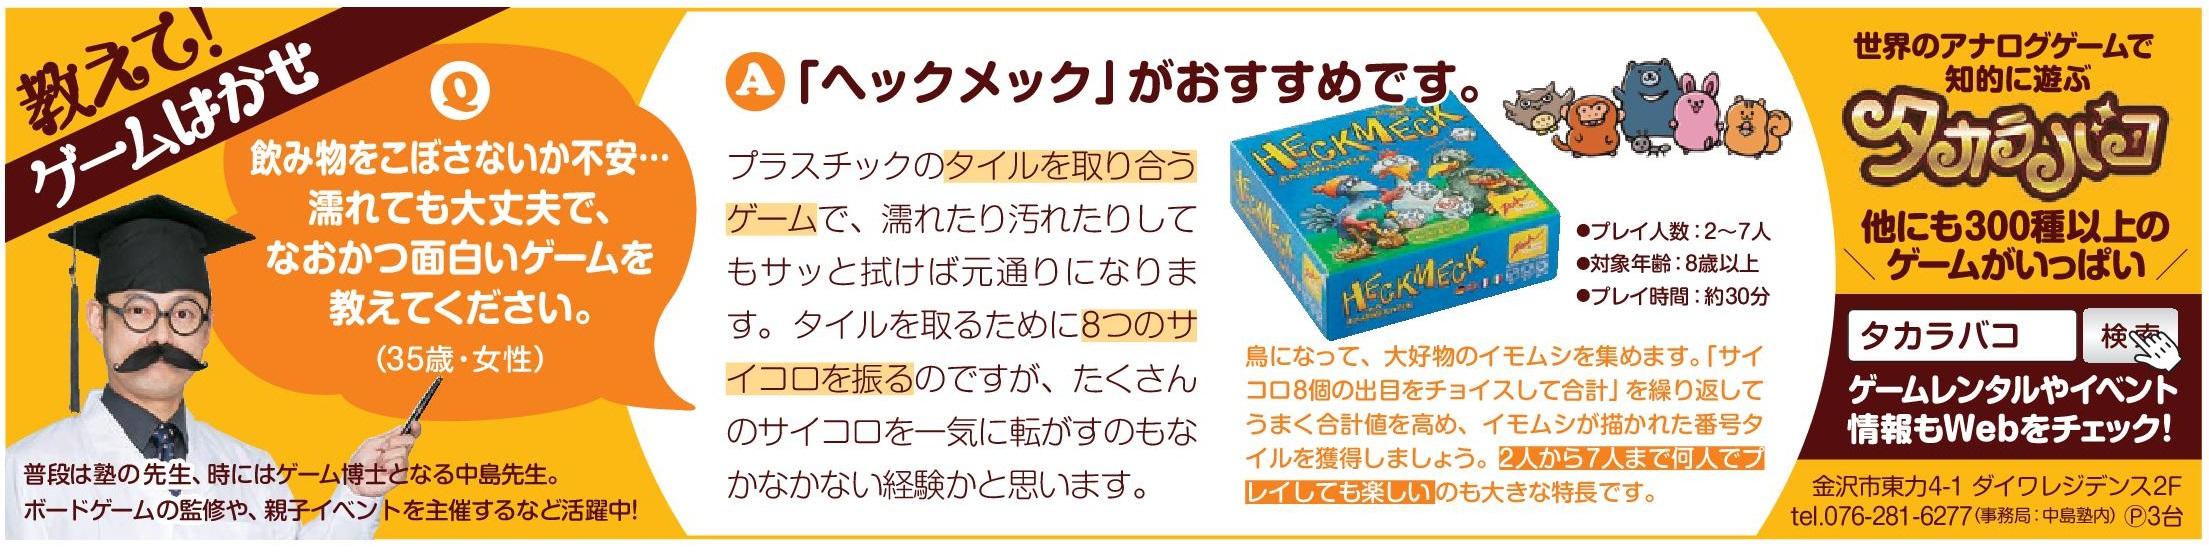 タカラバコ様_KJ0830